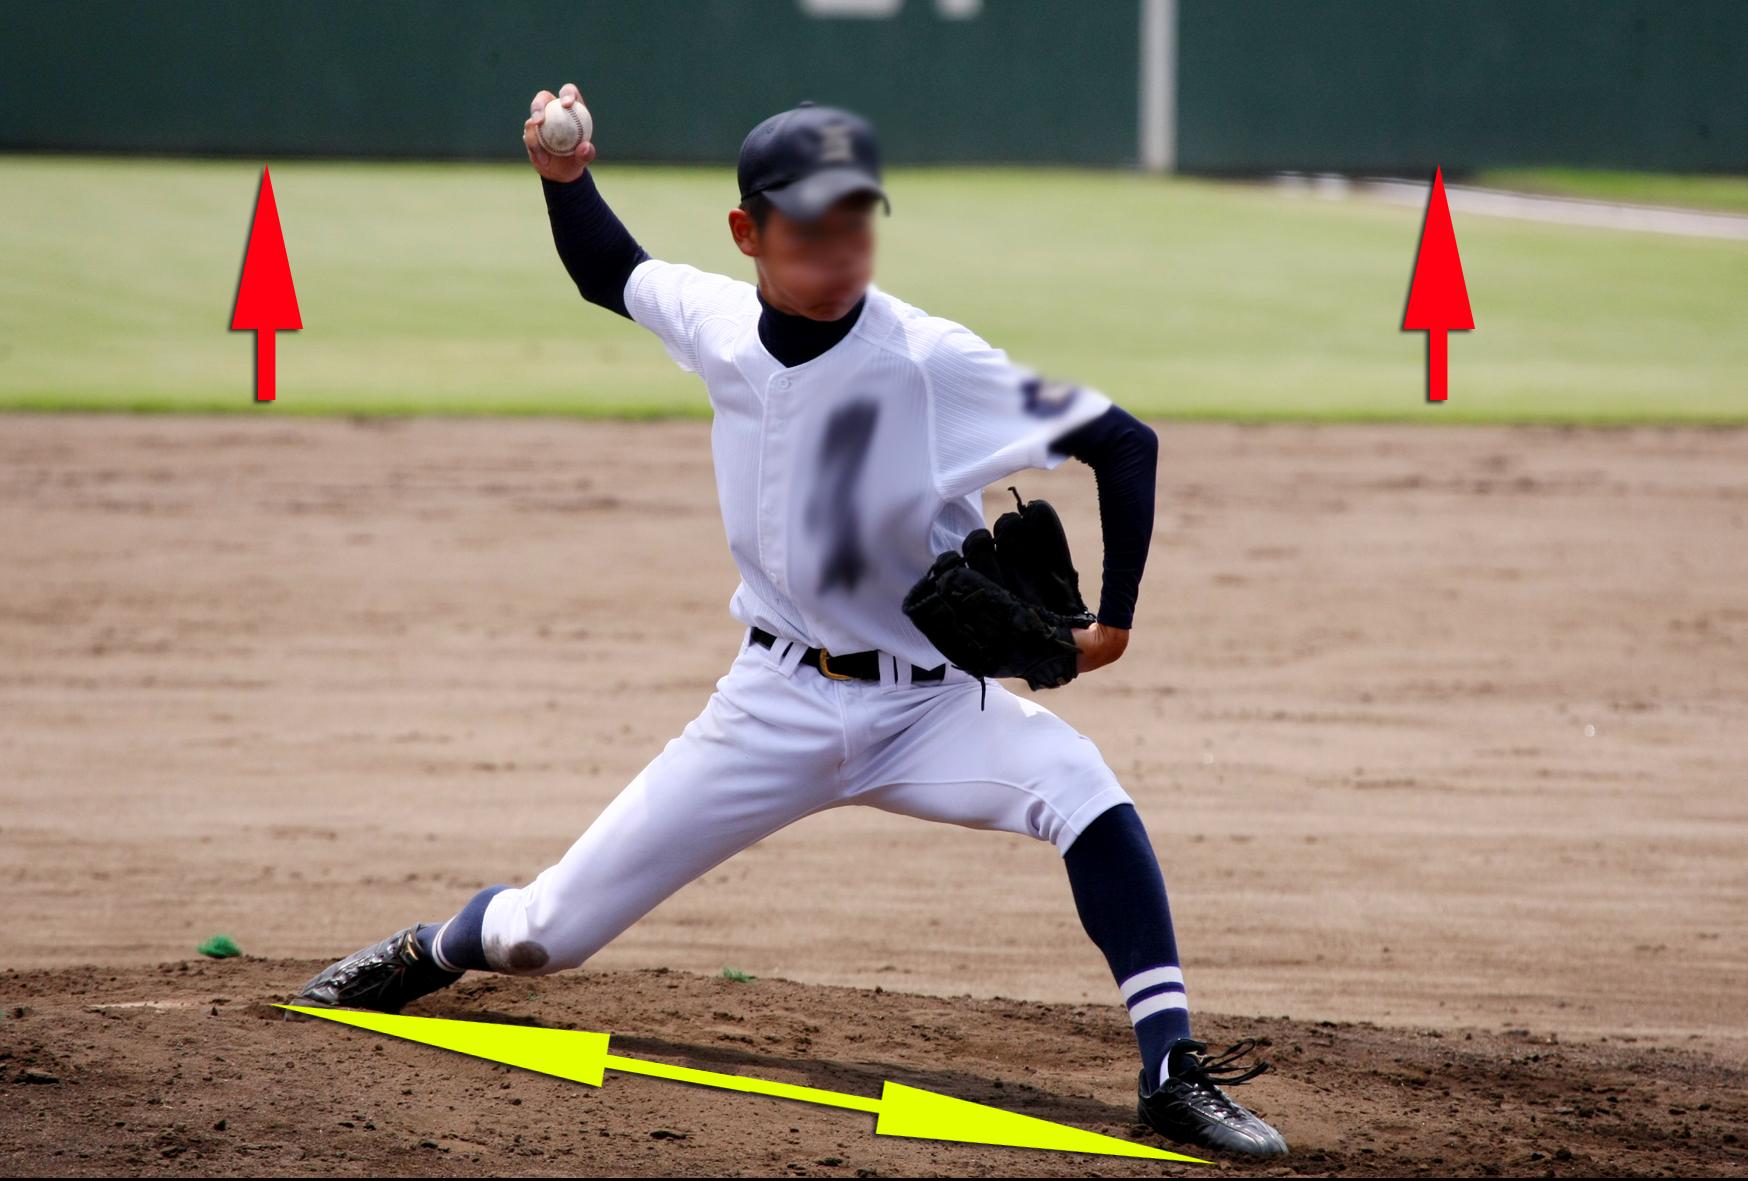 高校野球投手説明画像